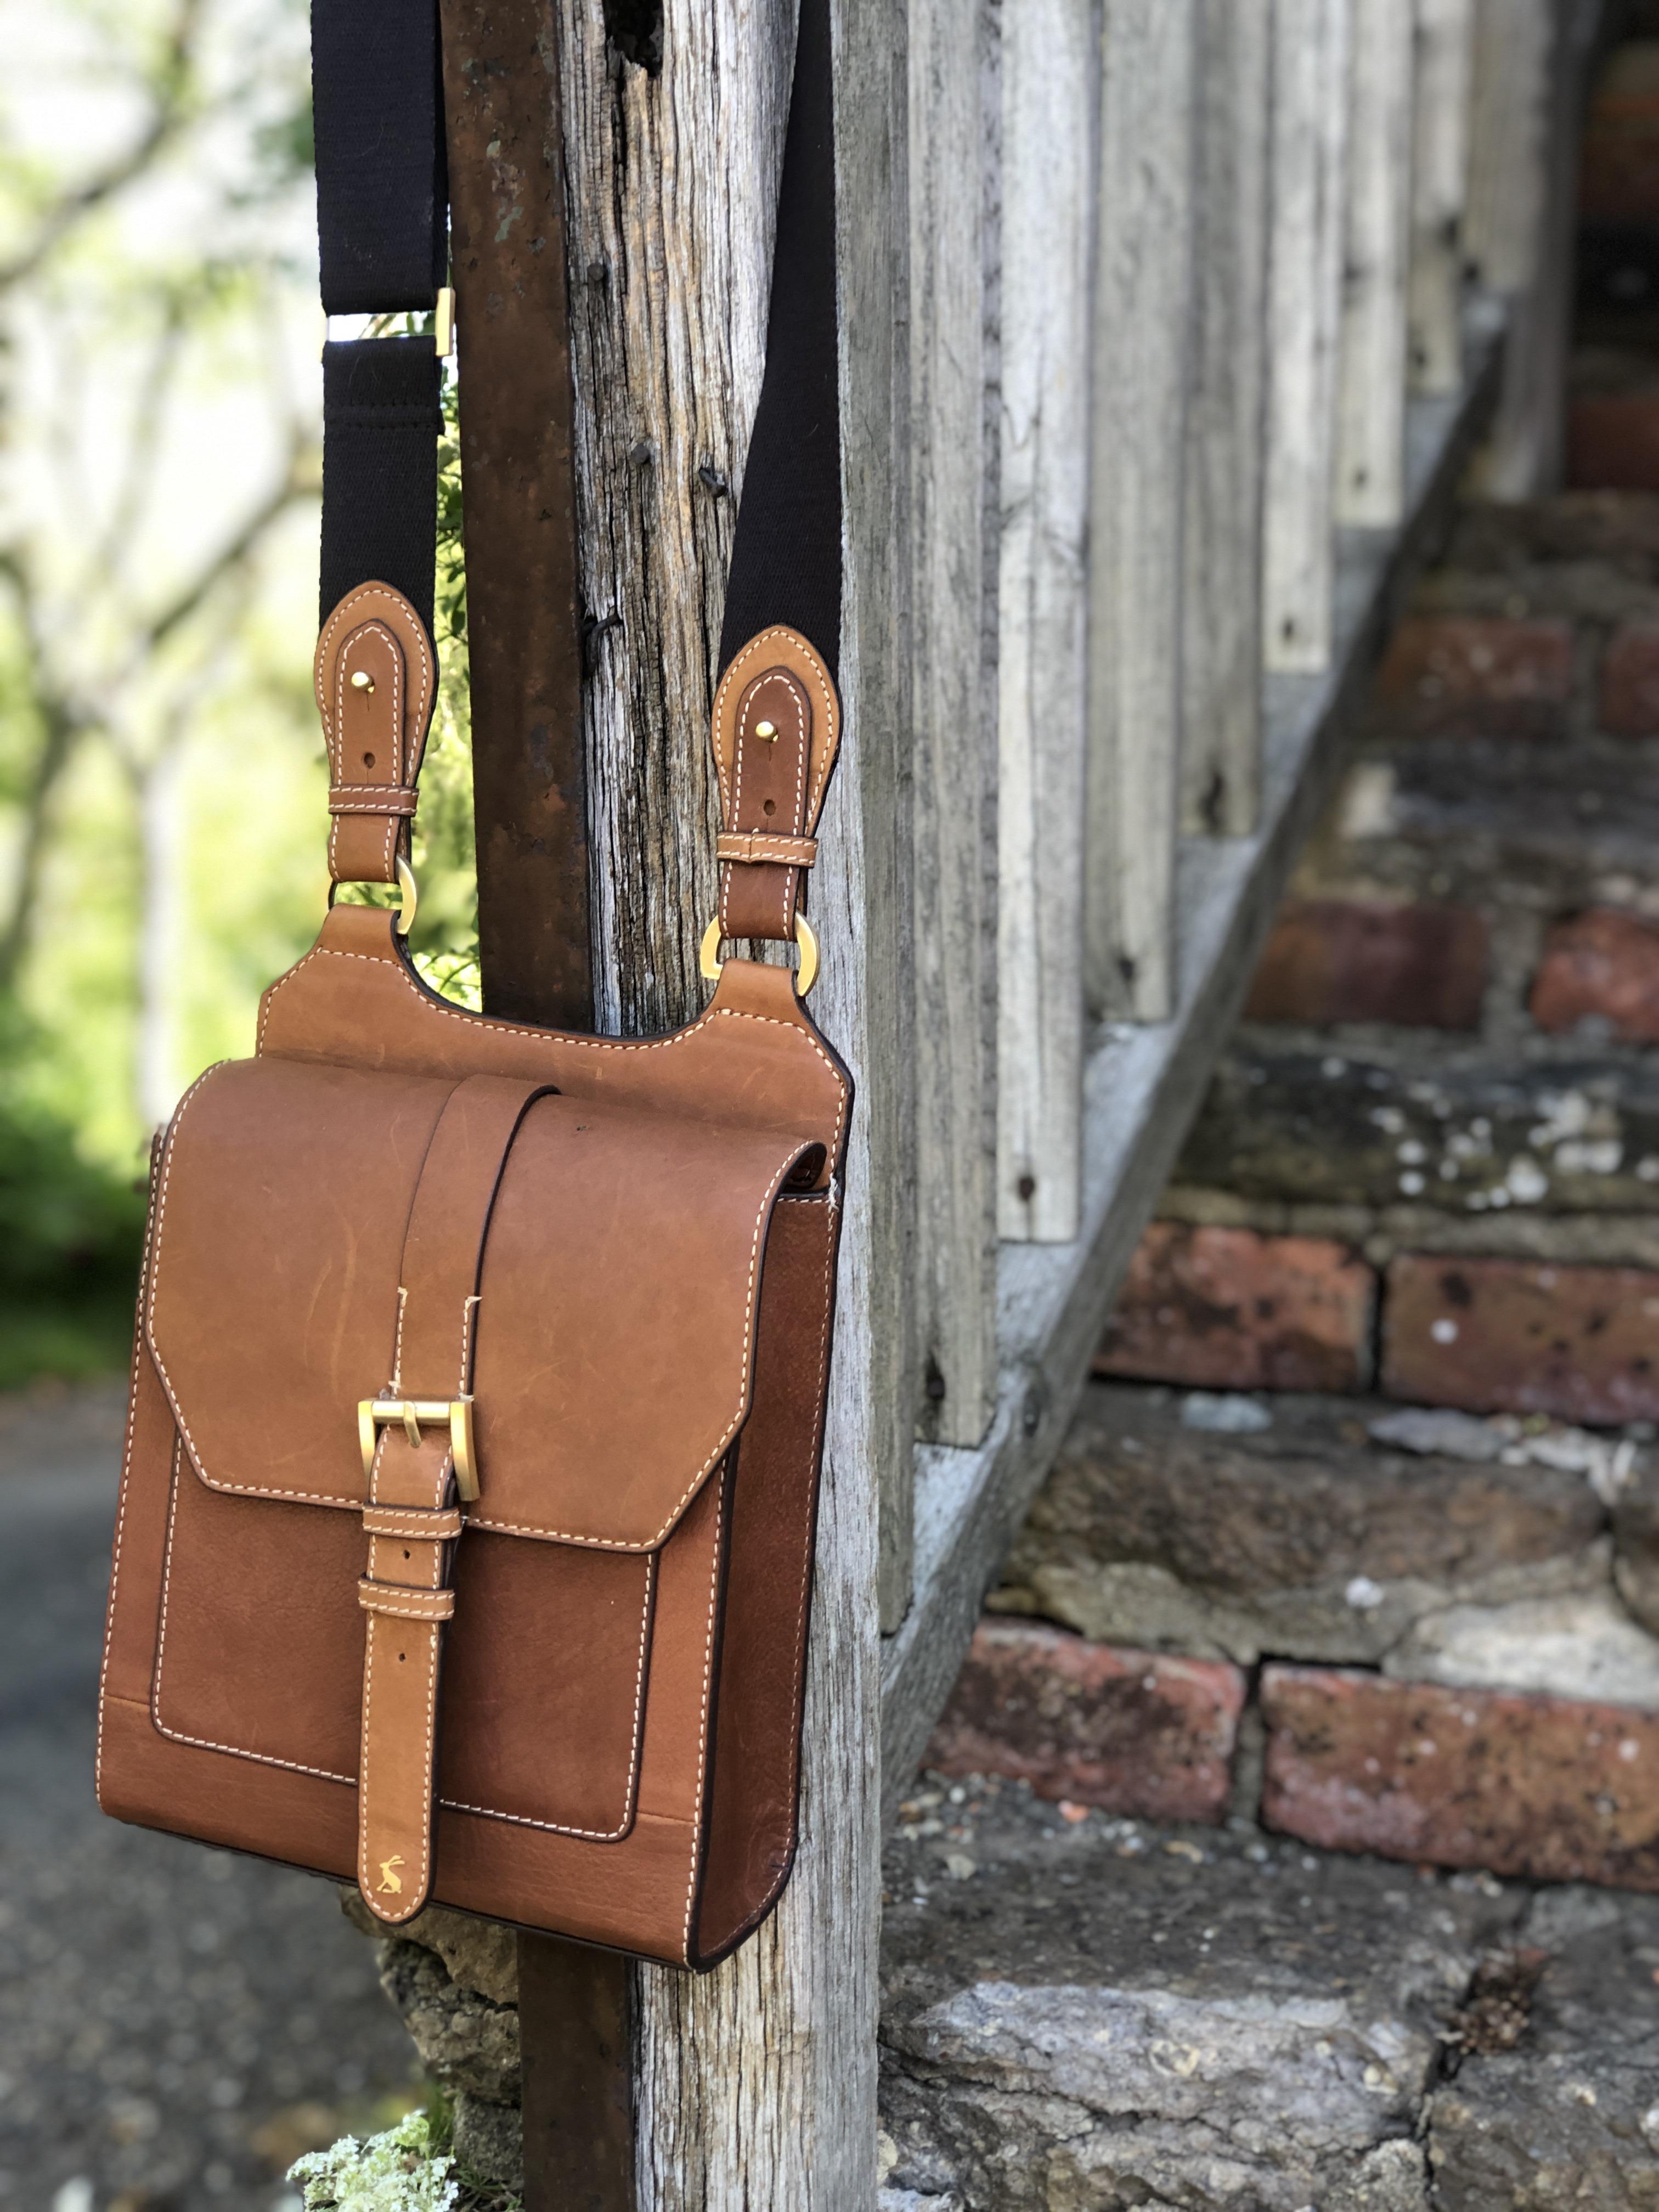 joules handbag